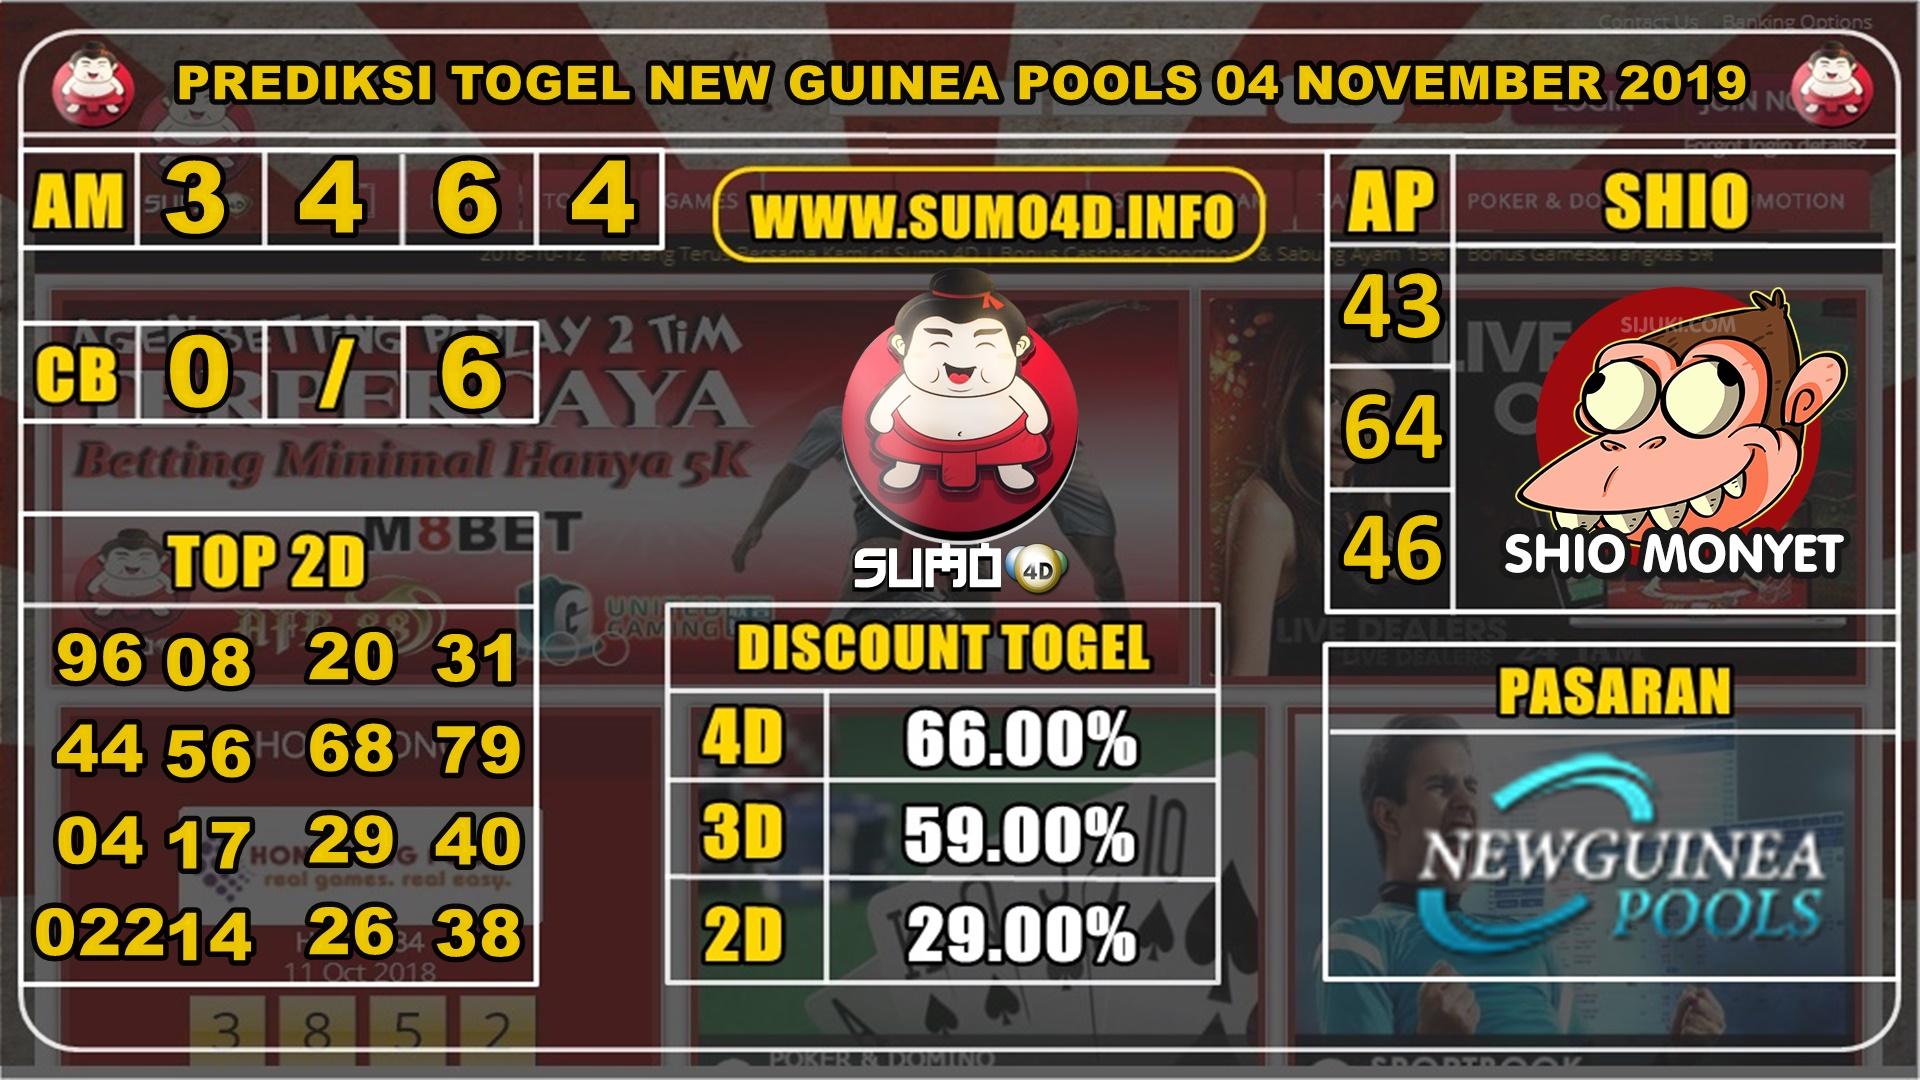 PREDIKSI TOGEL NEW GUINEA POOLS 04 NOVEMBER 2019